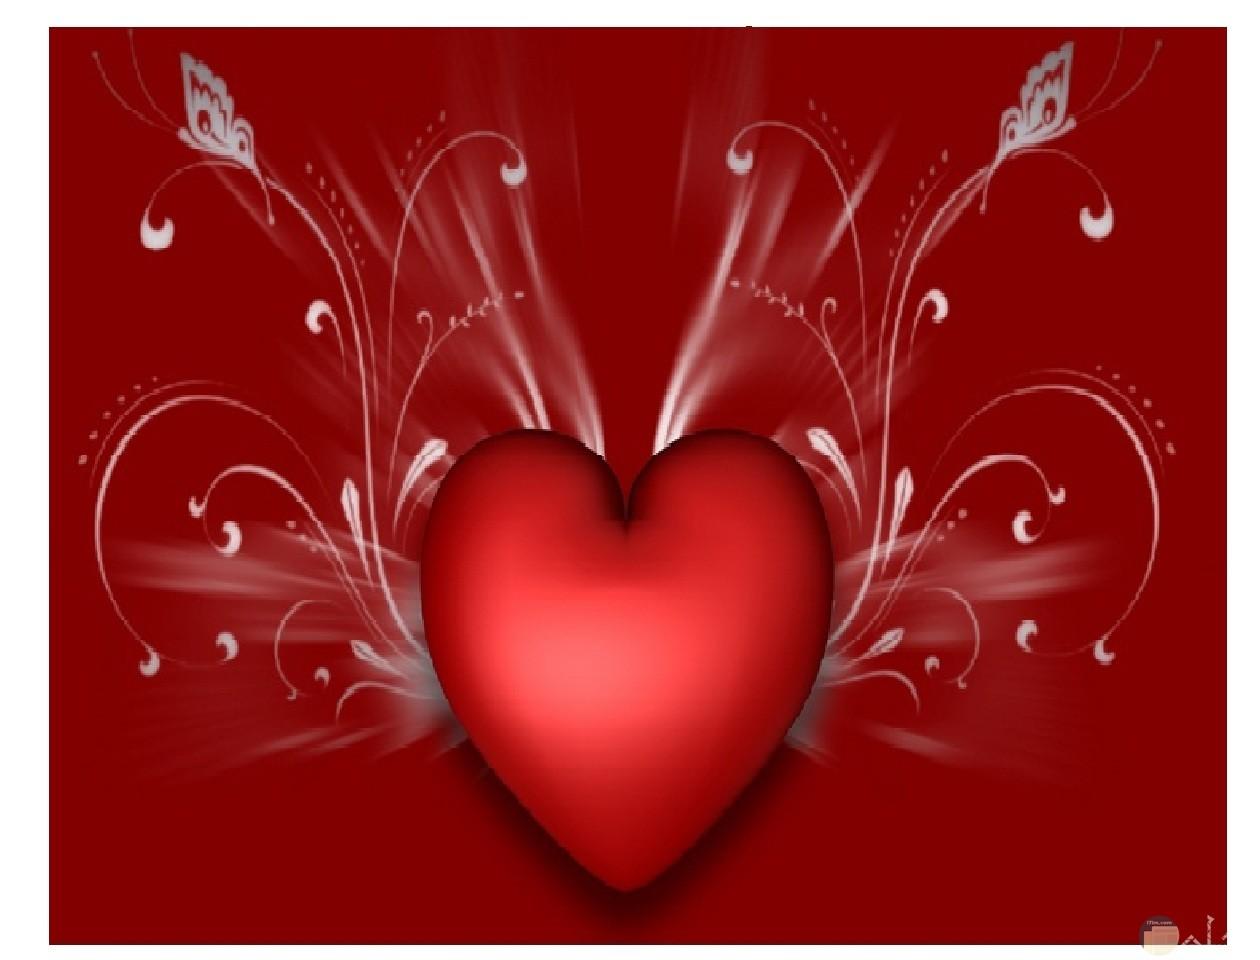 قلب أحمر جميل